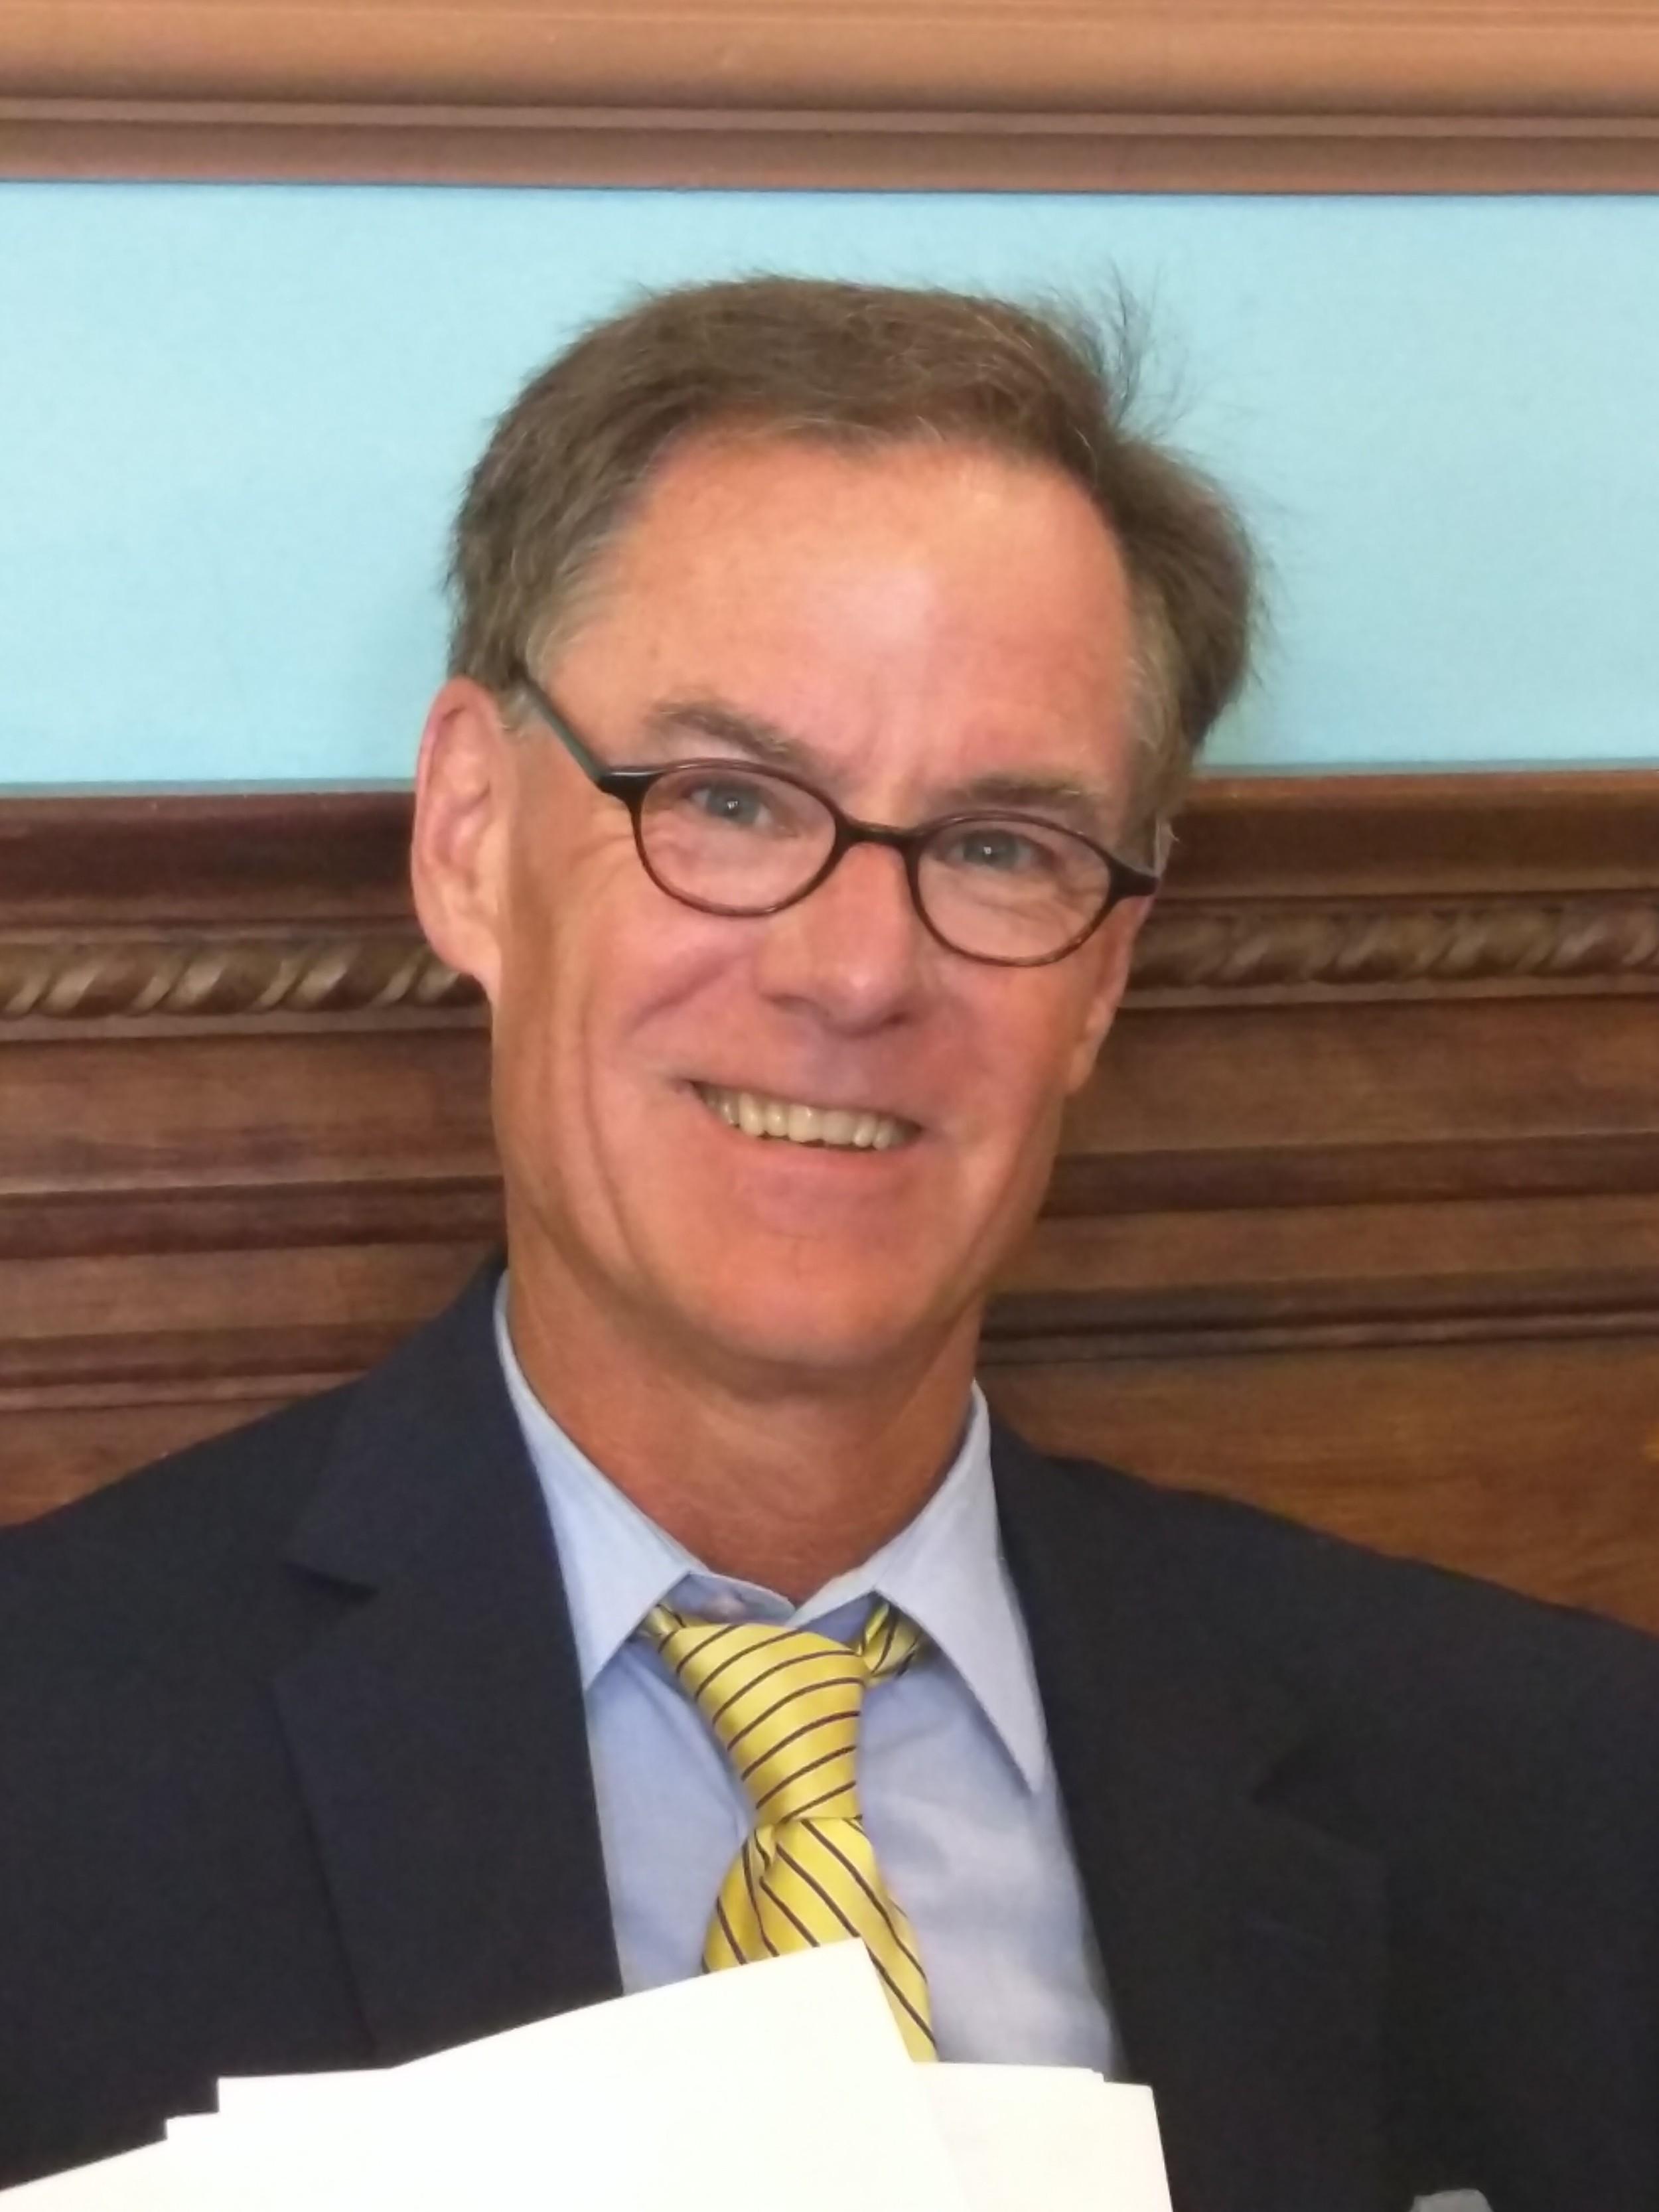 Rick Corley